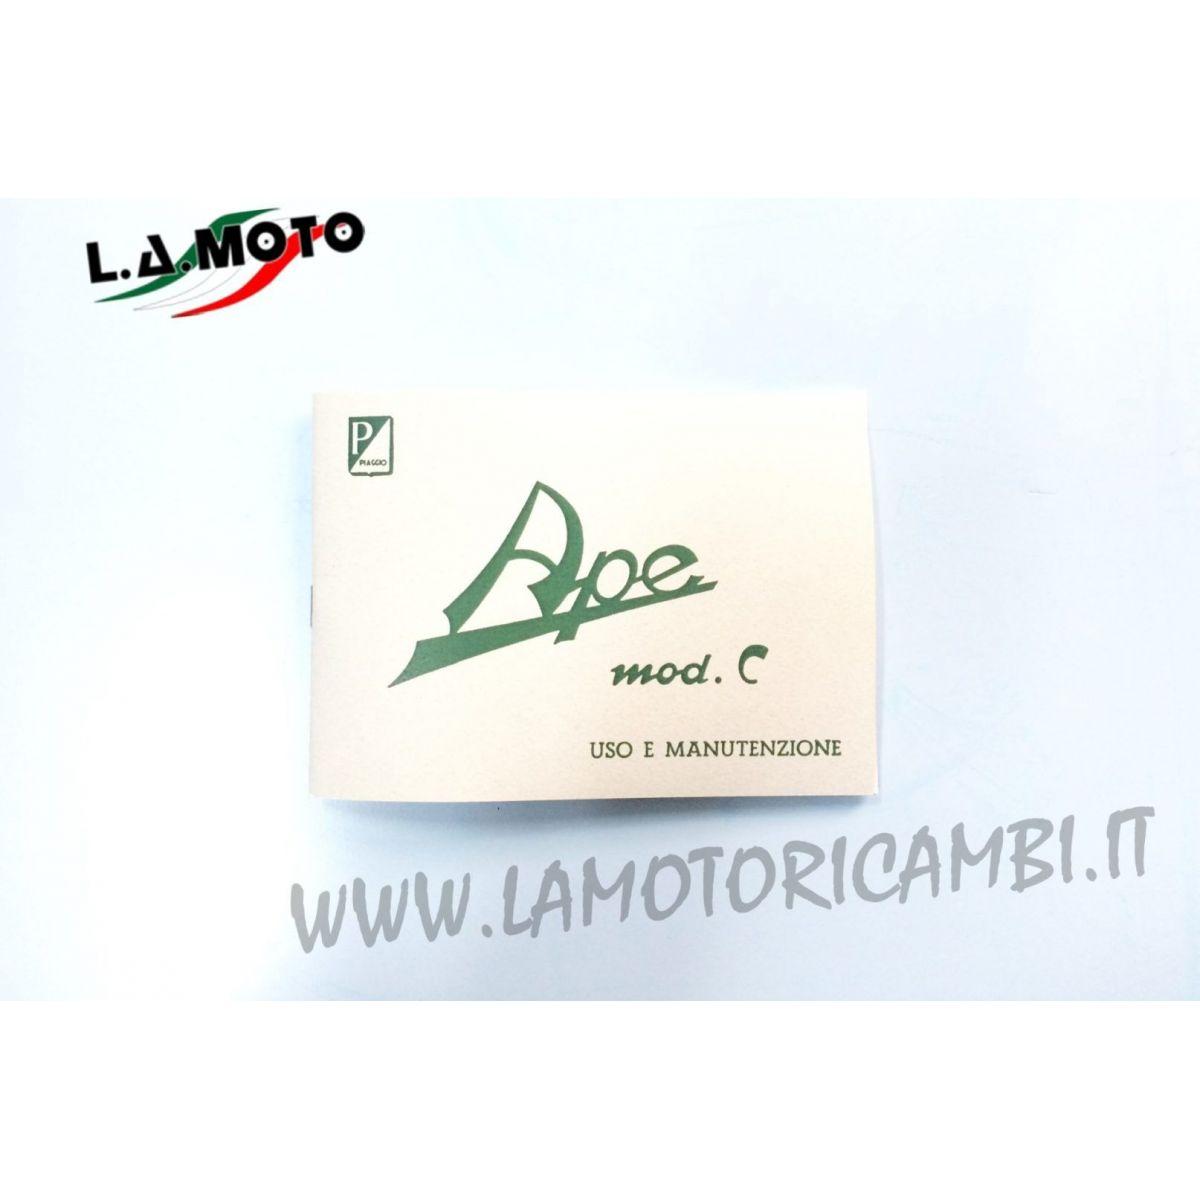 LIBRETTO USO E MANUTENZIONE PER PIAGGIO APE C 150 AC1T AC2T AC3T AC4T AC5T